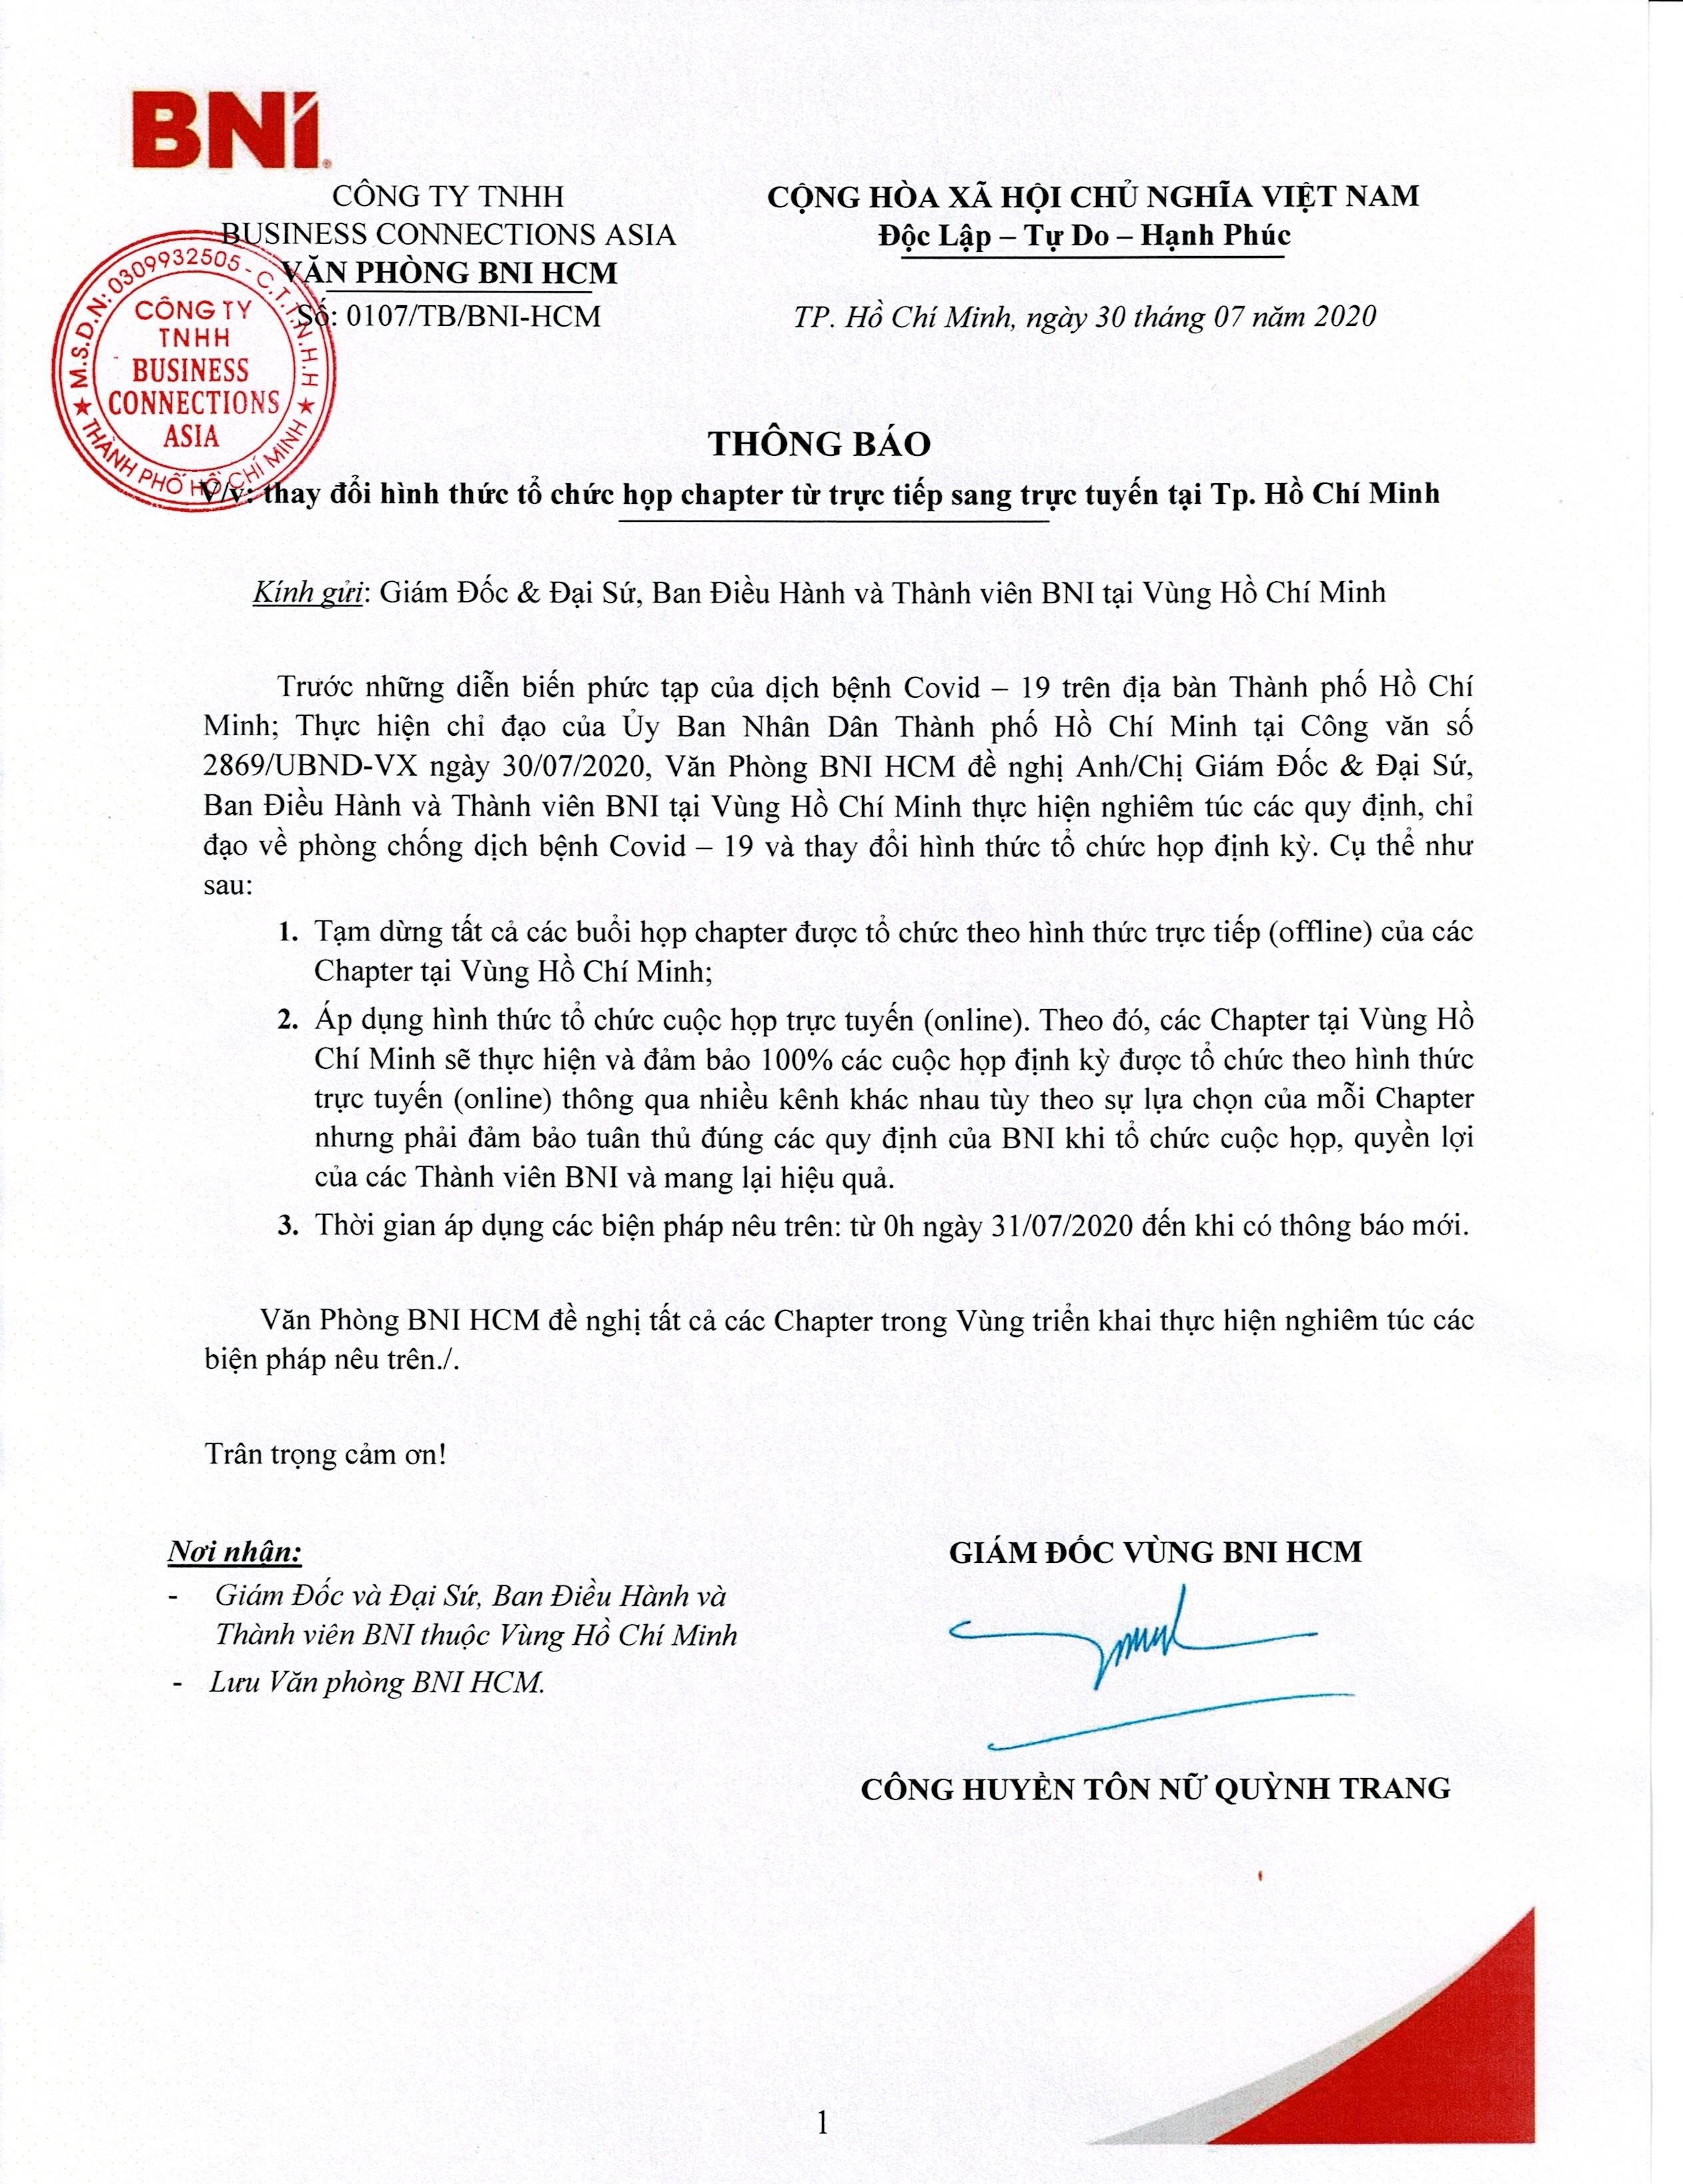 THÔNG BÁO  V/v: thay đổi hình thức tổ chức họp chapter từ trực tiếp sang trực tuyến  tại Tp. Hồ Chí Minh